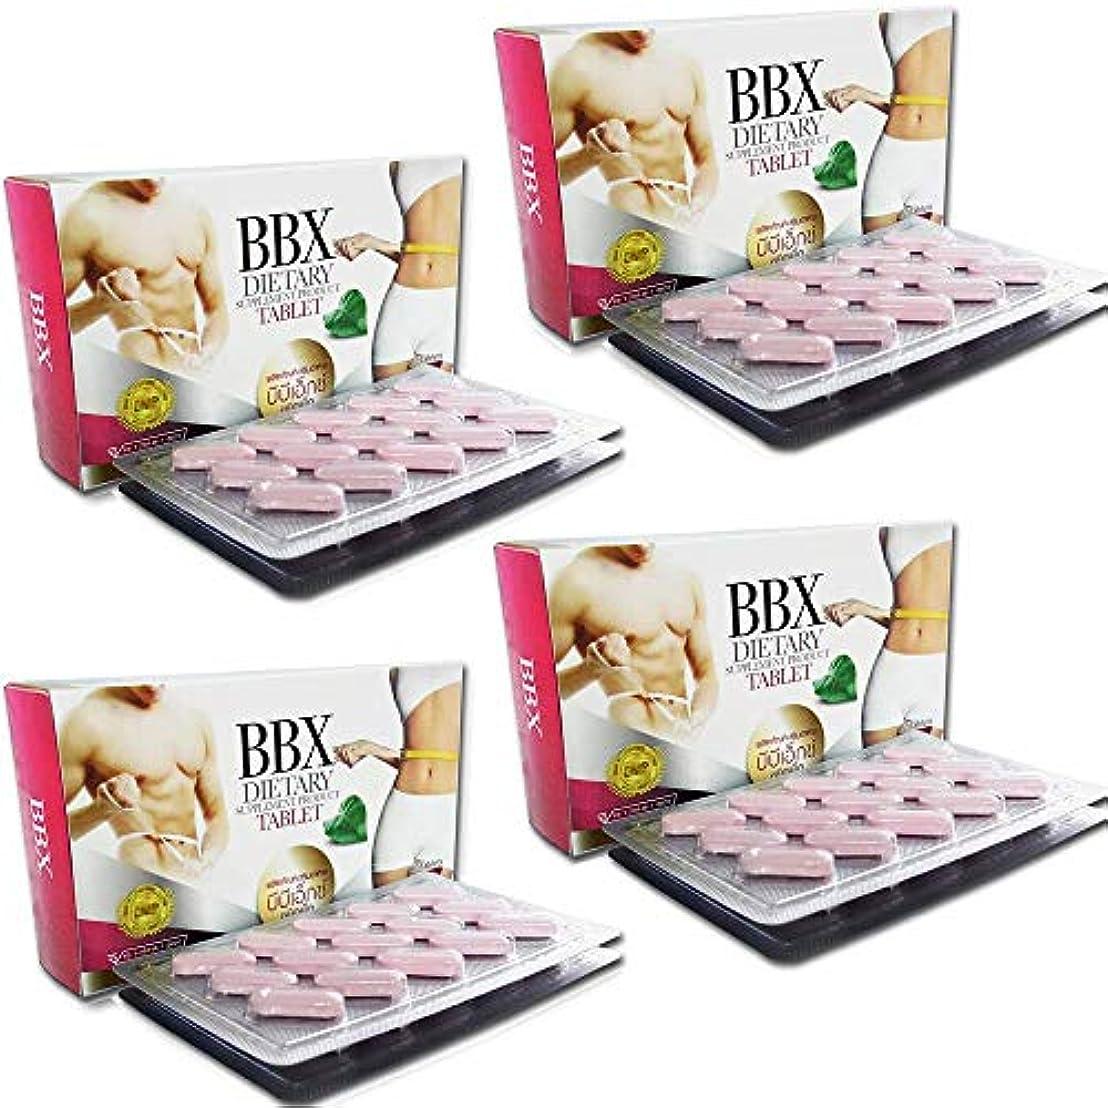 平野ヒューマニスティックはっきりとクリニックや医師が推奨するダイエットサプリBBX 公式パンフレット&説明書付き 4箱合計120錠